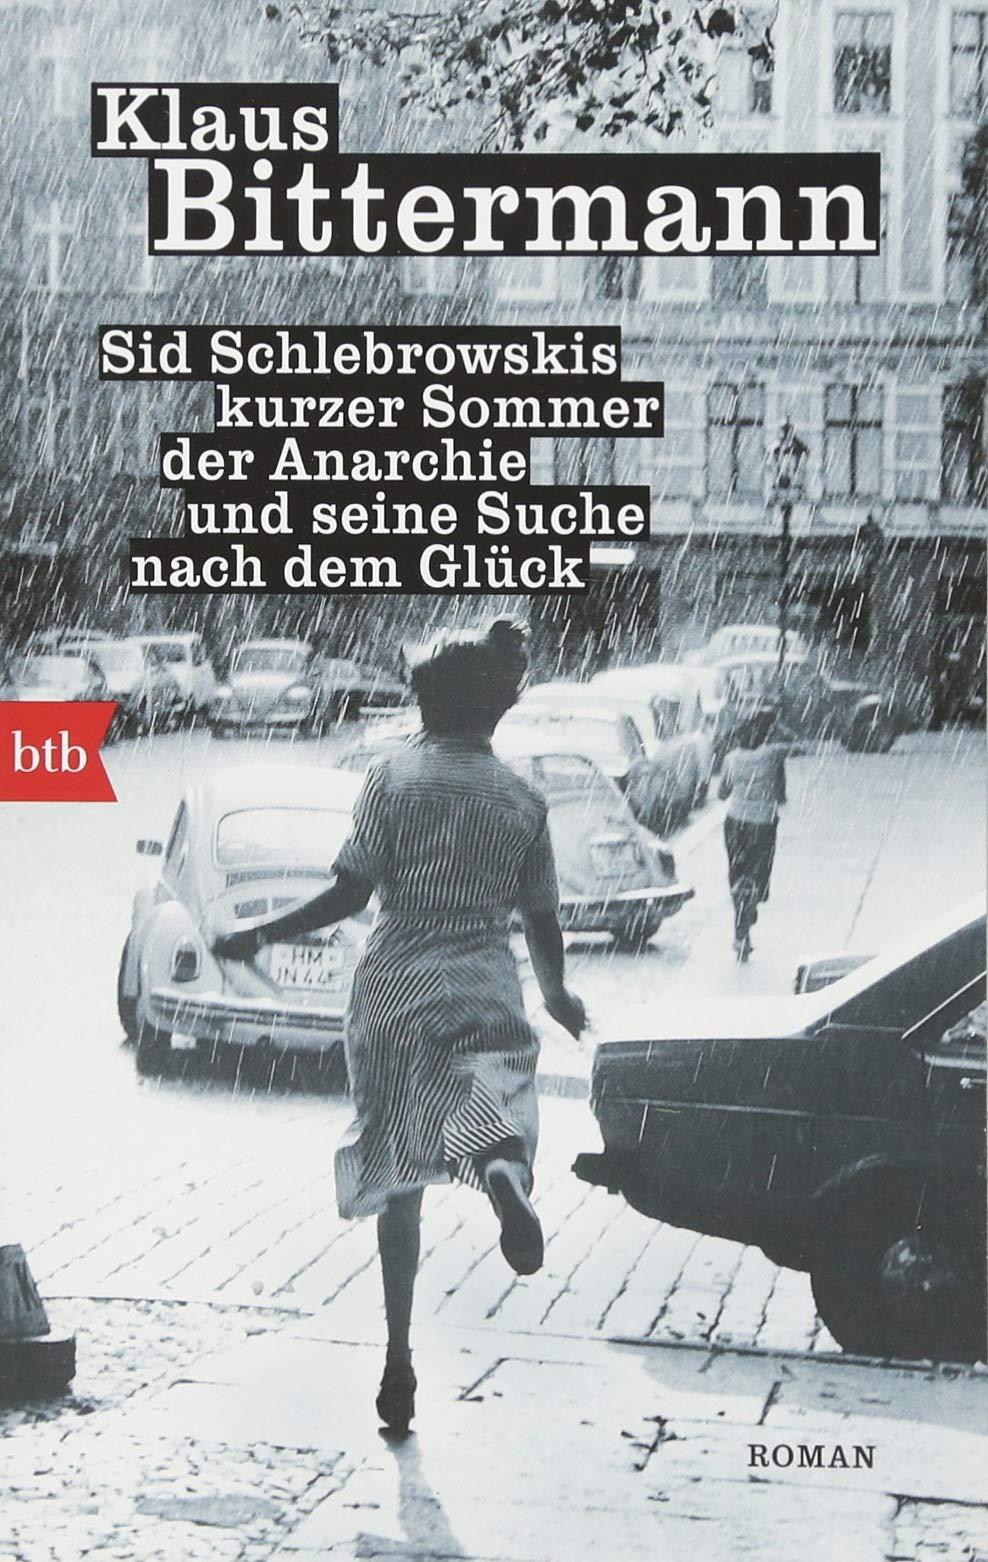 Sid Schlebrowskis kurzer Sommer der Anarchie und seine Suche nach dem Glück: Roman